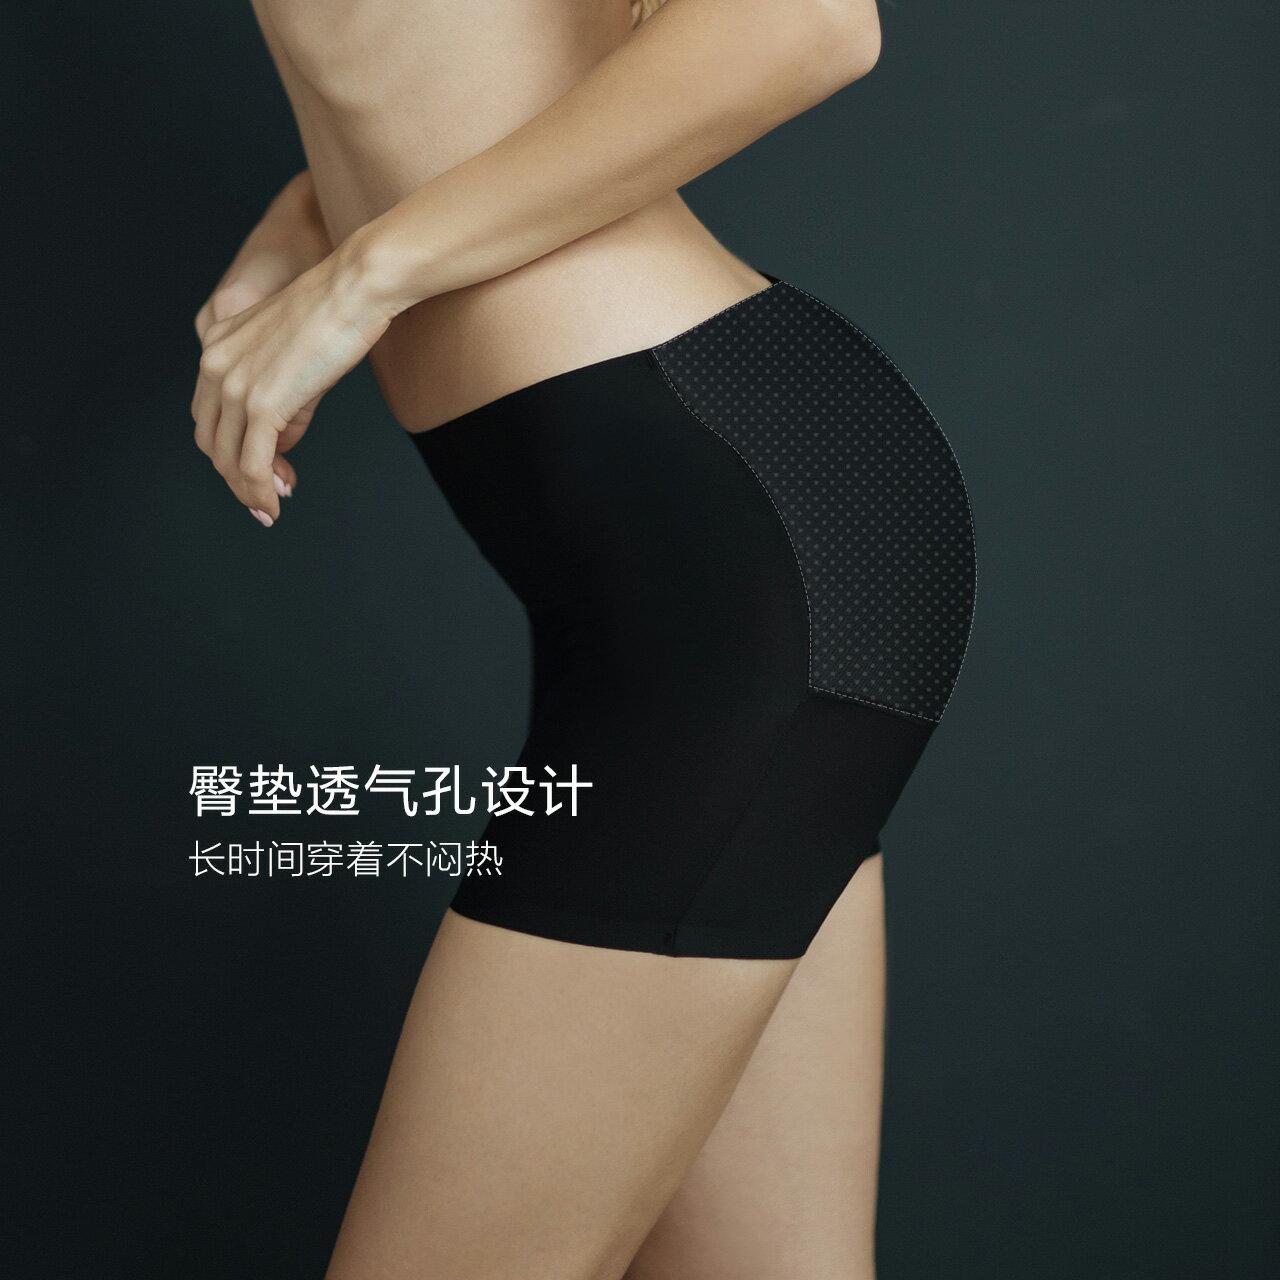 自然薄款假屁股內褲女蜜桃豐臀提 貼身衣物不可退換貨